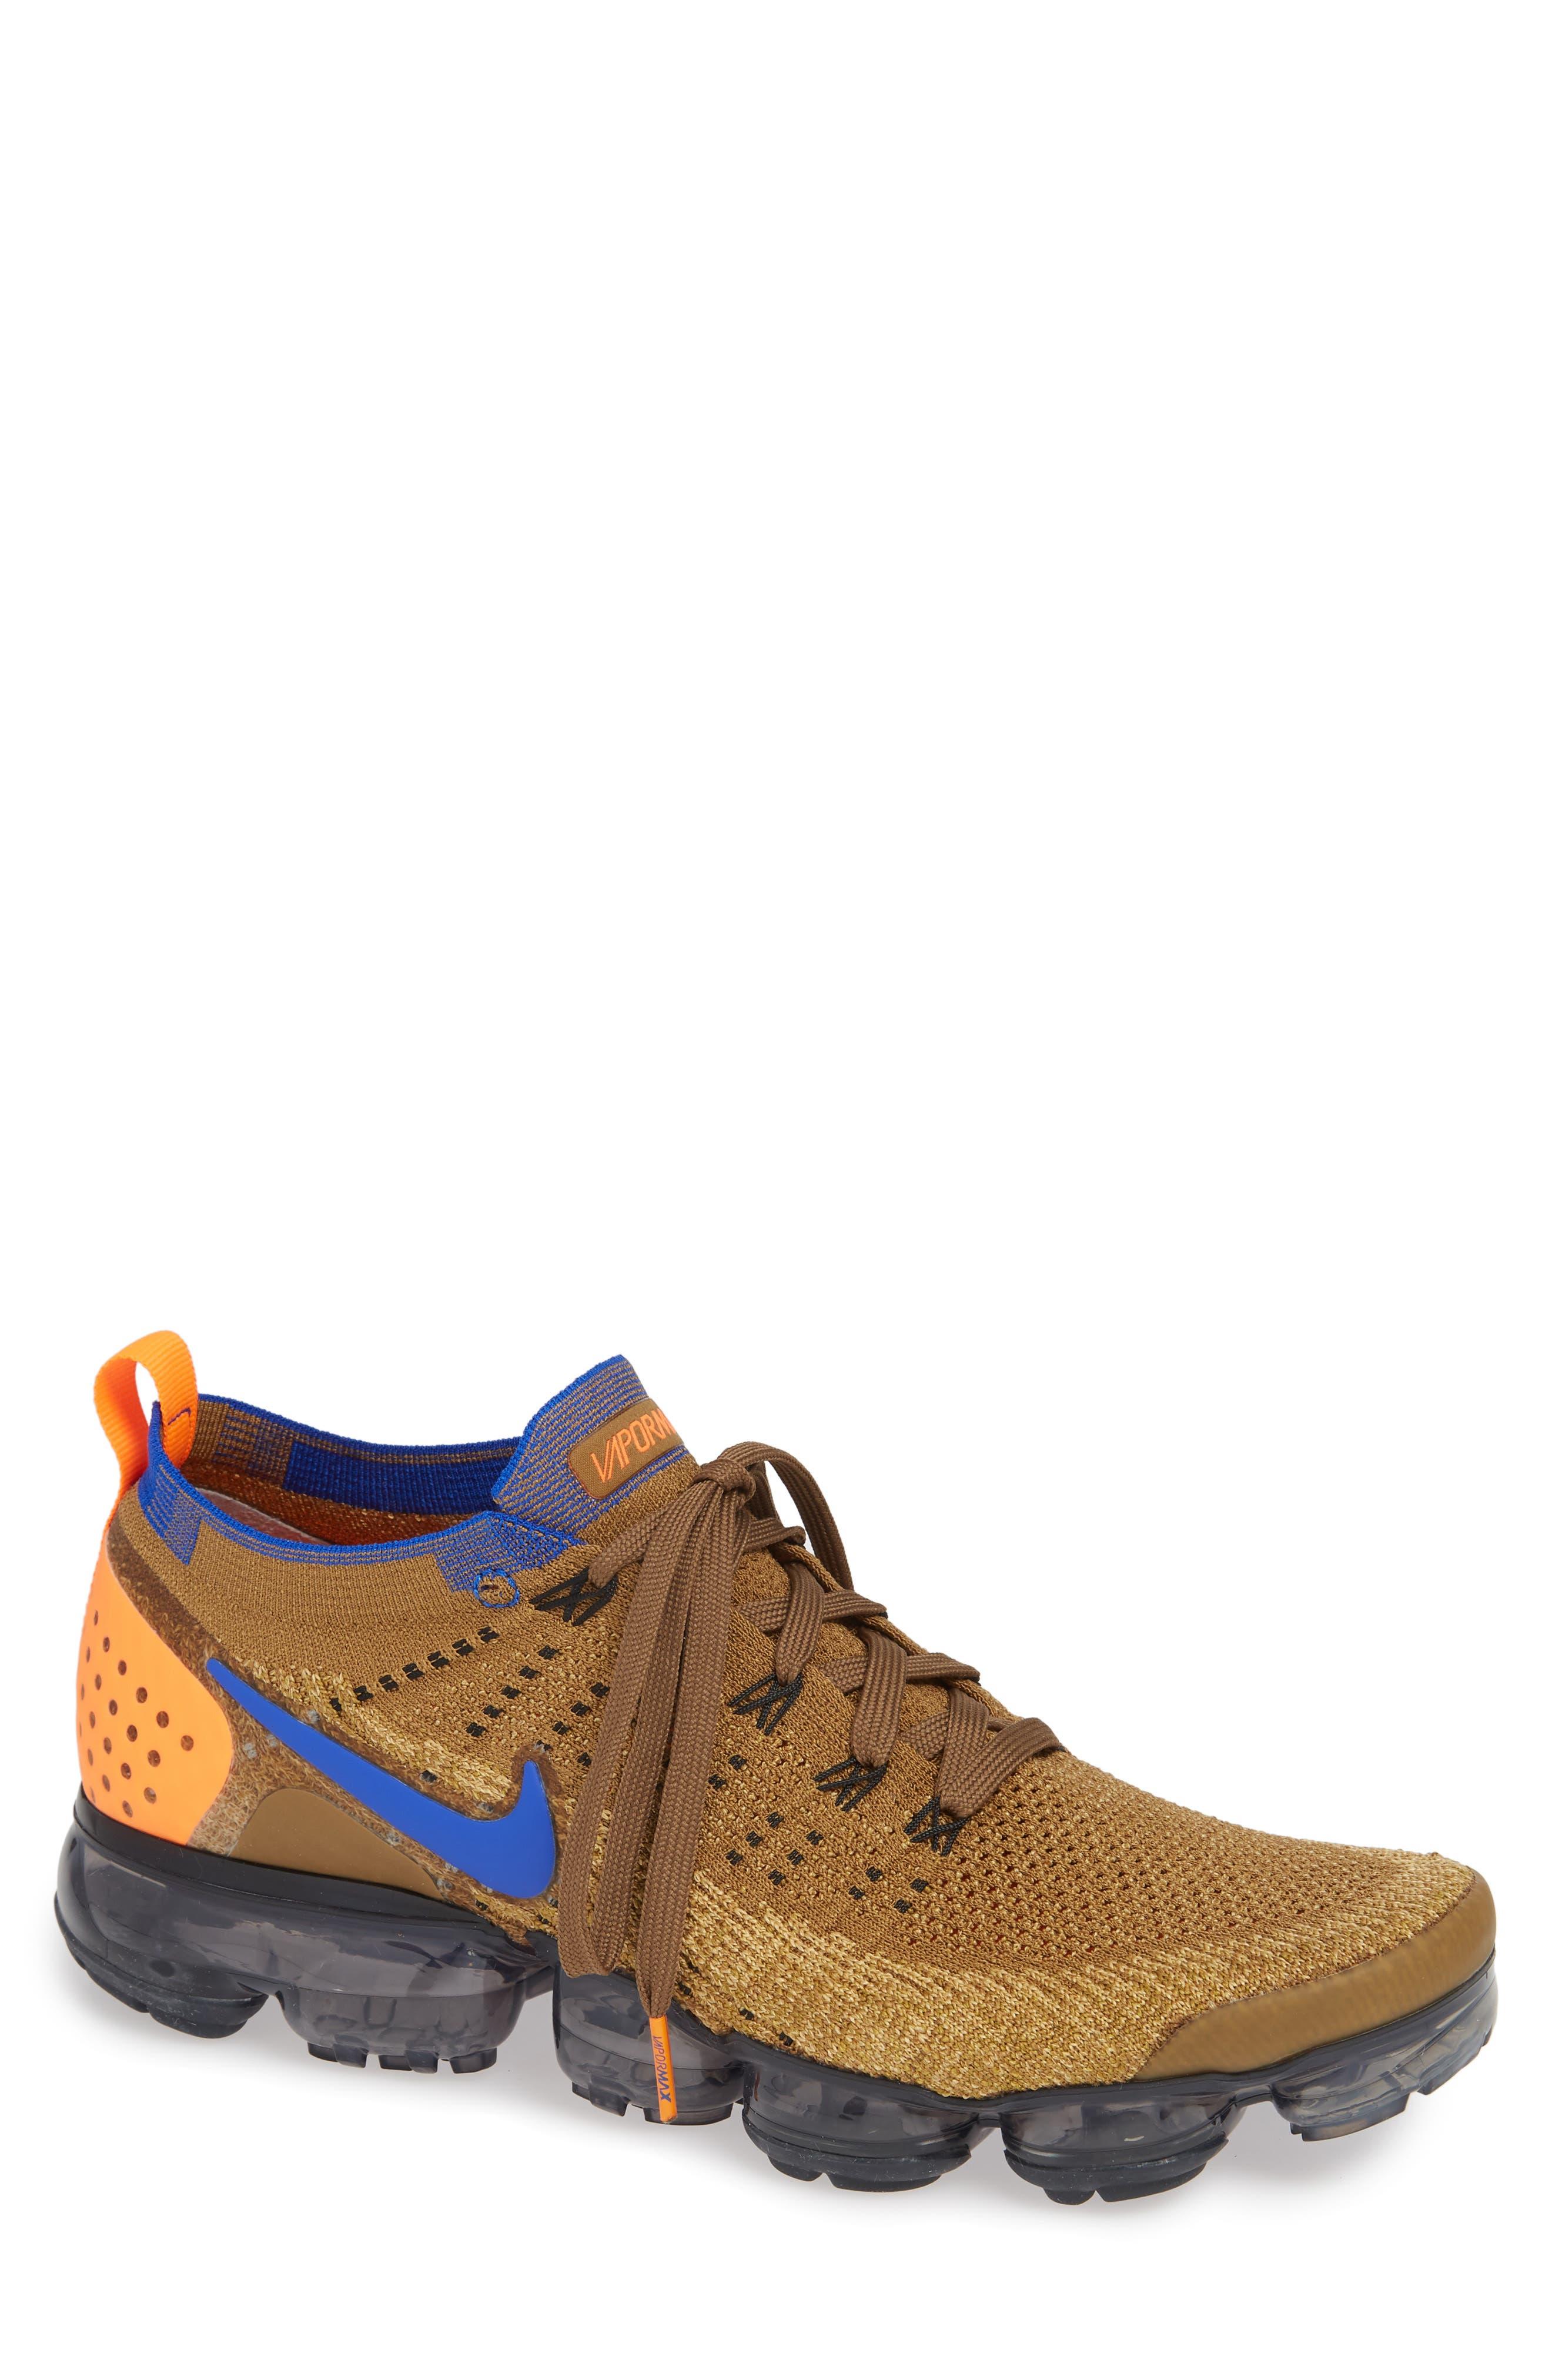 Air Vapormax Flyknit 2 Running Shoe,                             Main thumbnail 1, color,                             GOLDEN BEIGE/ RACER BLUE/ GOLD